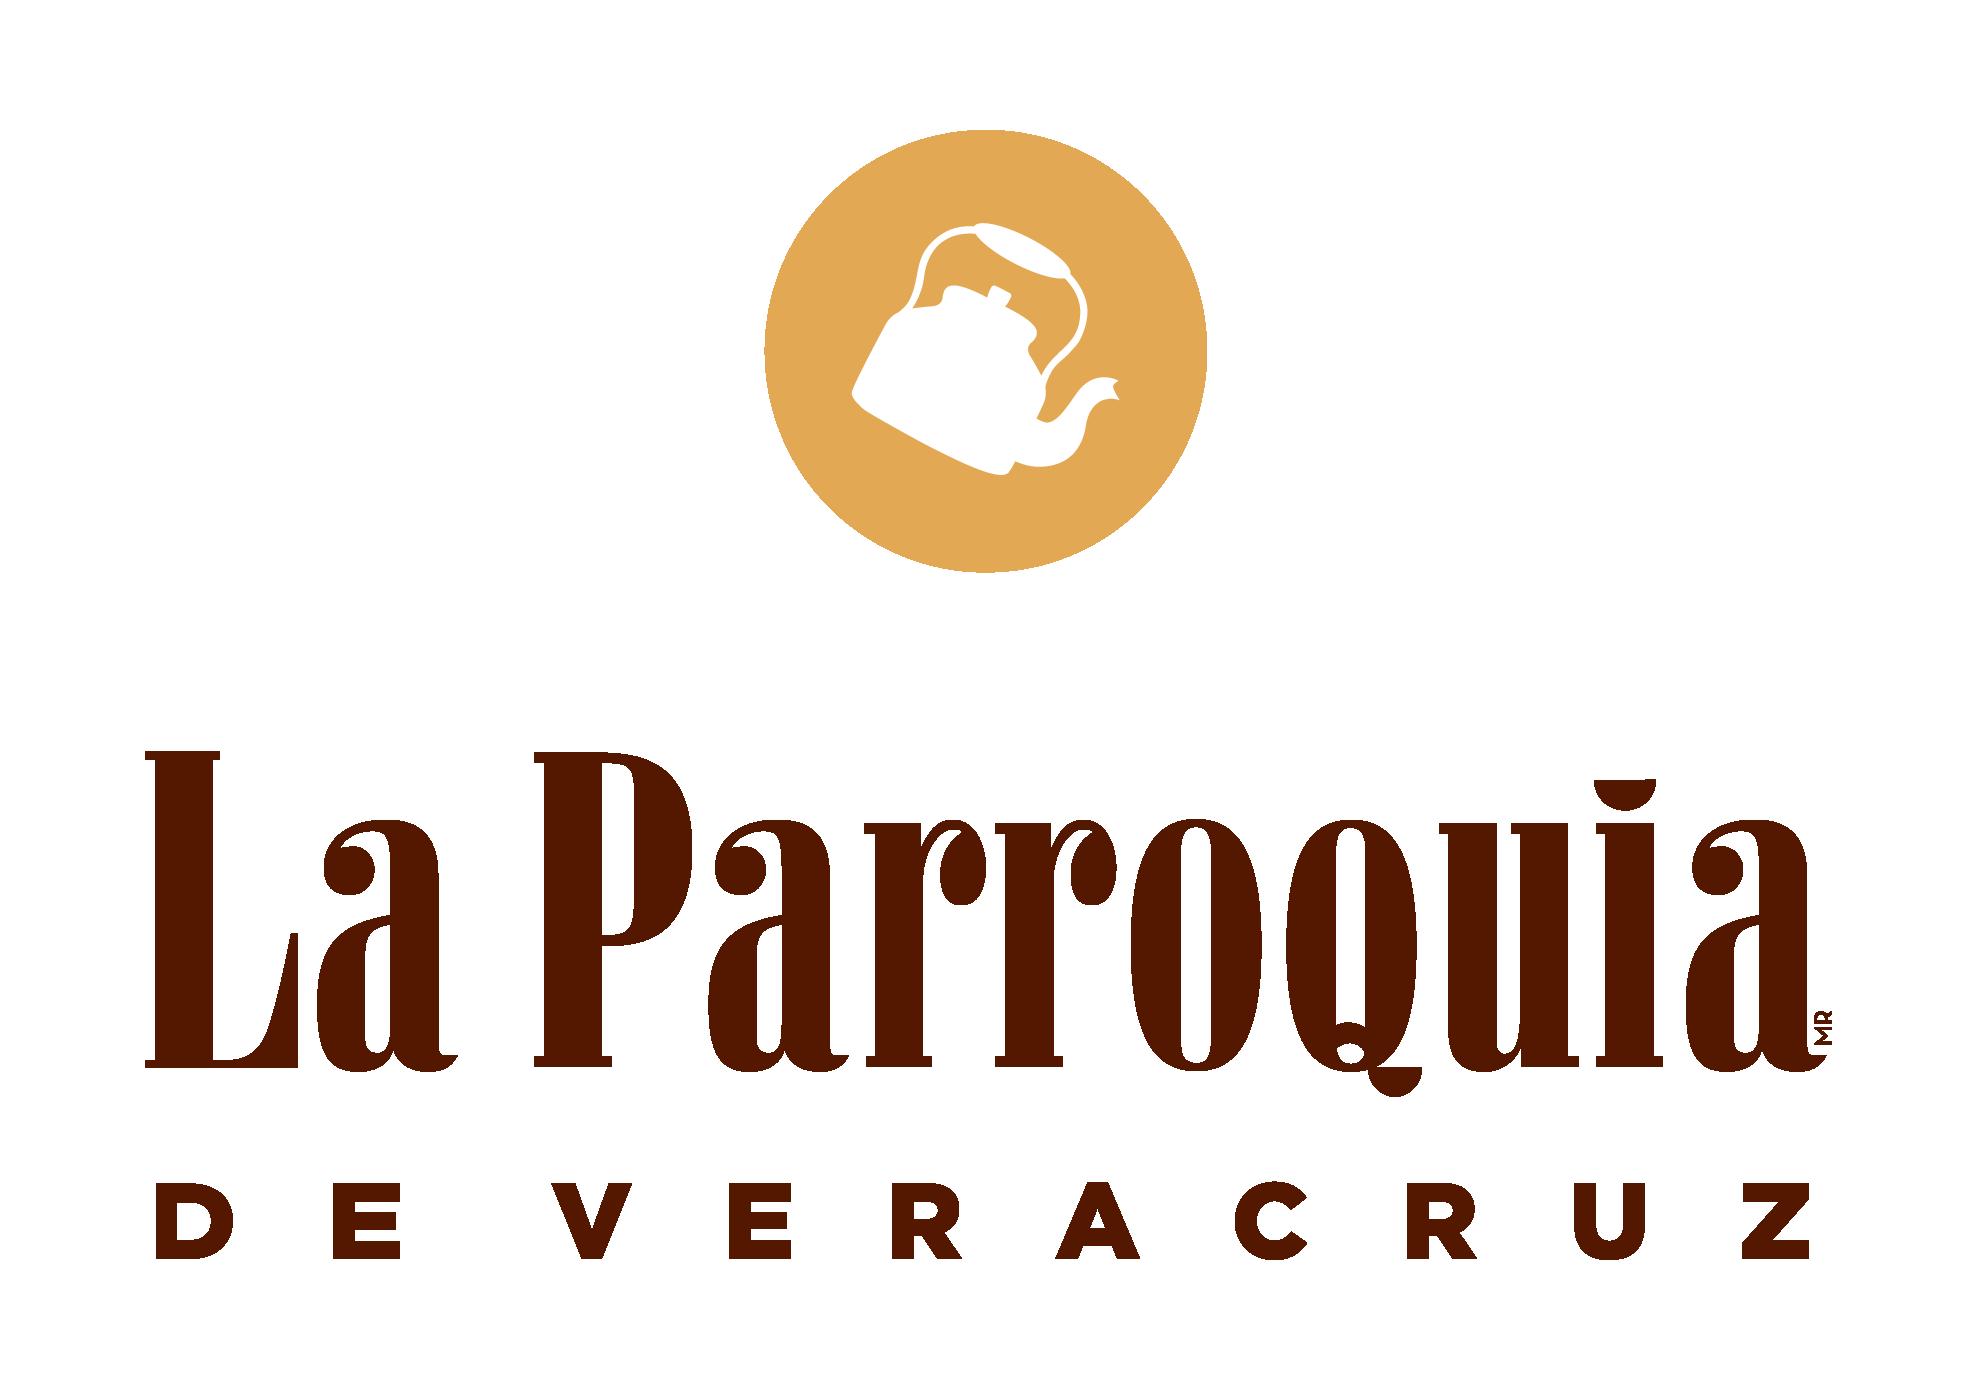 Gran cafe de la parroquia de veracruz